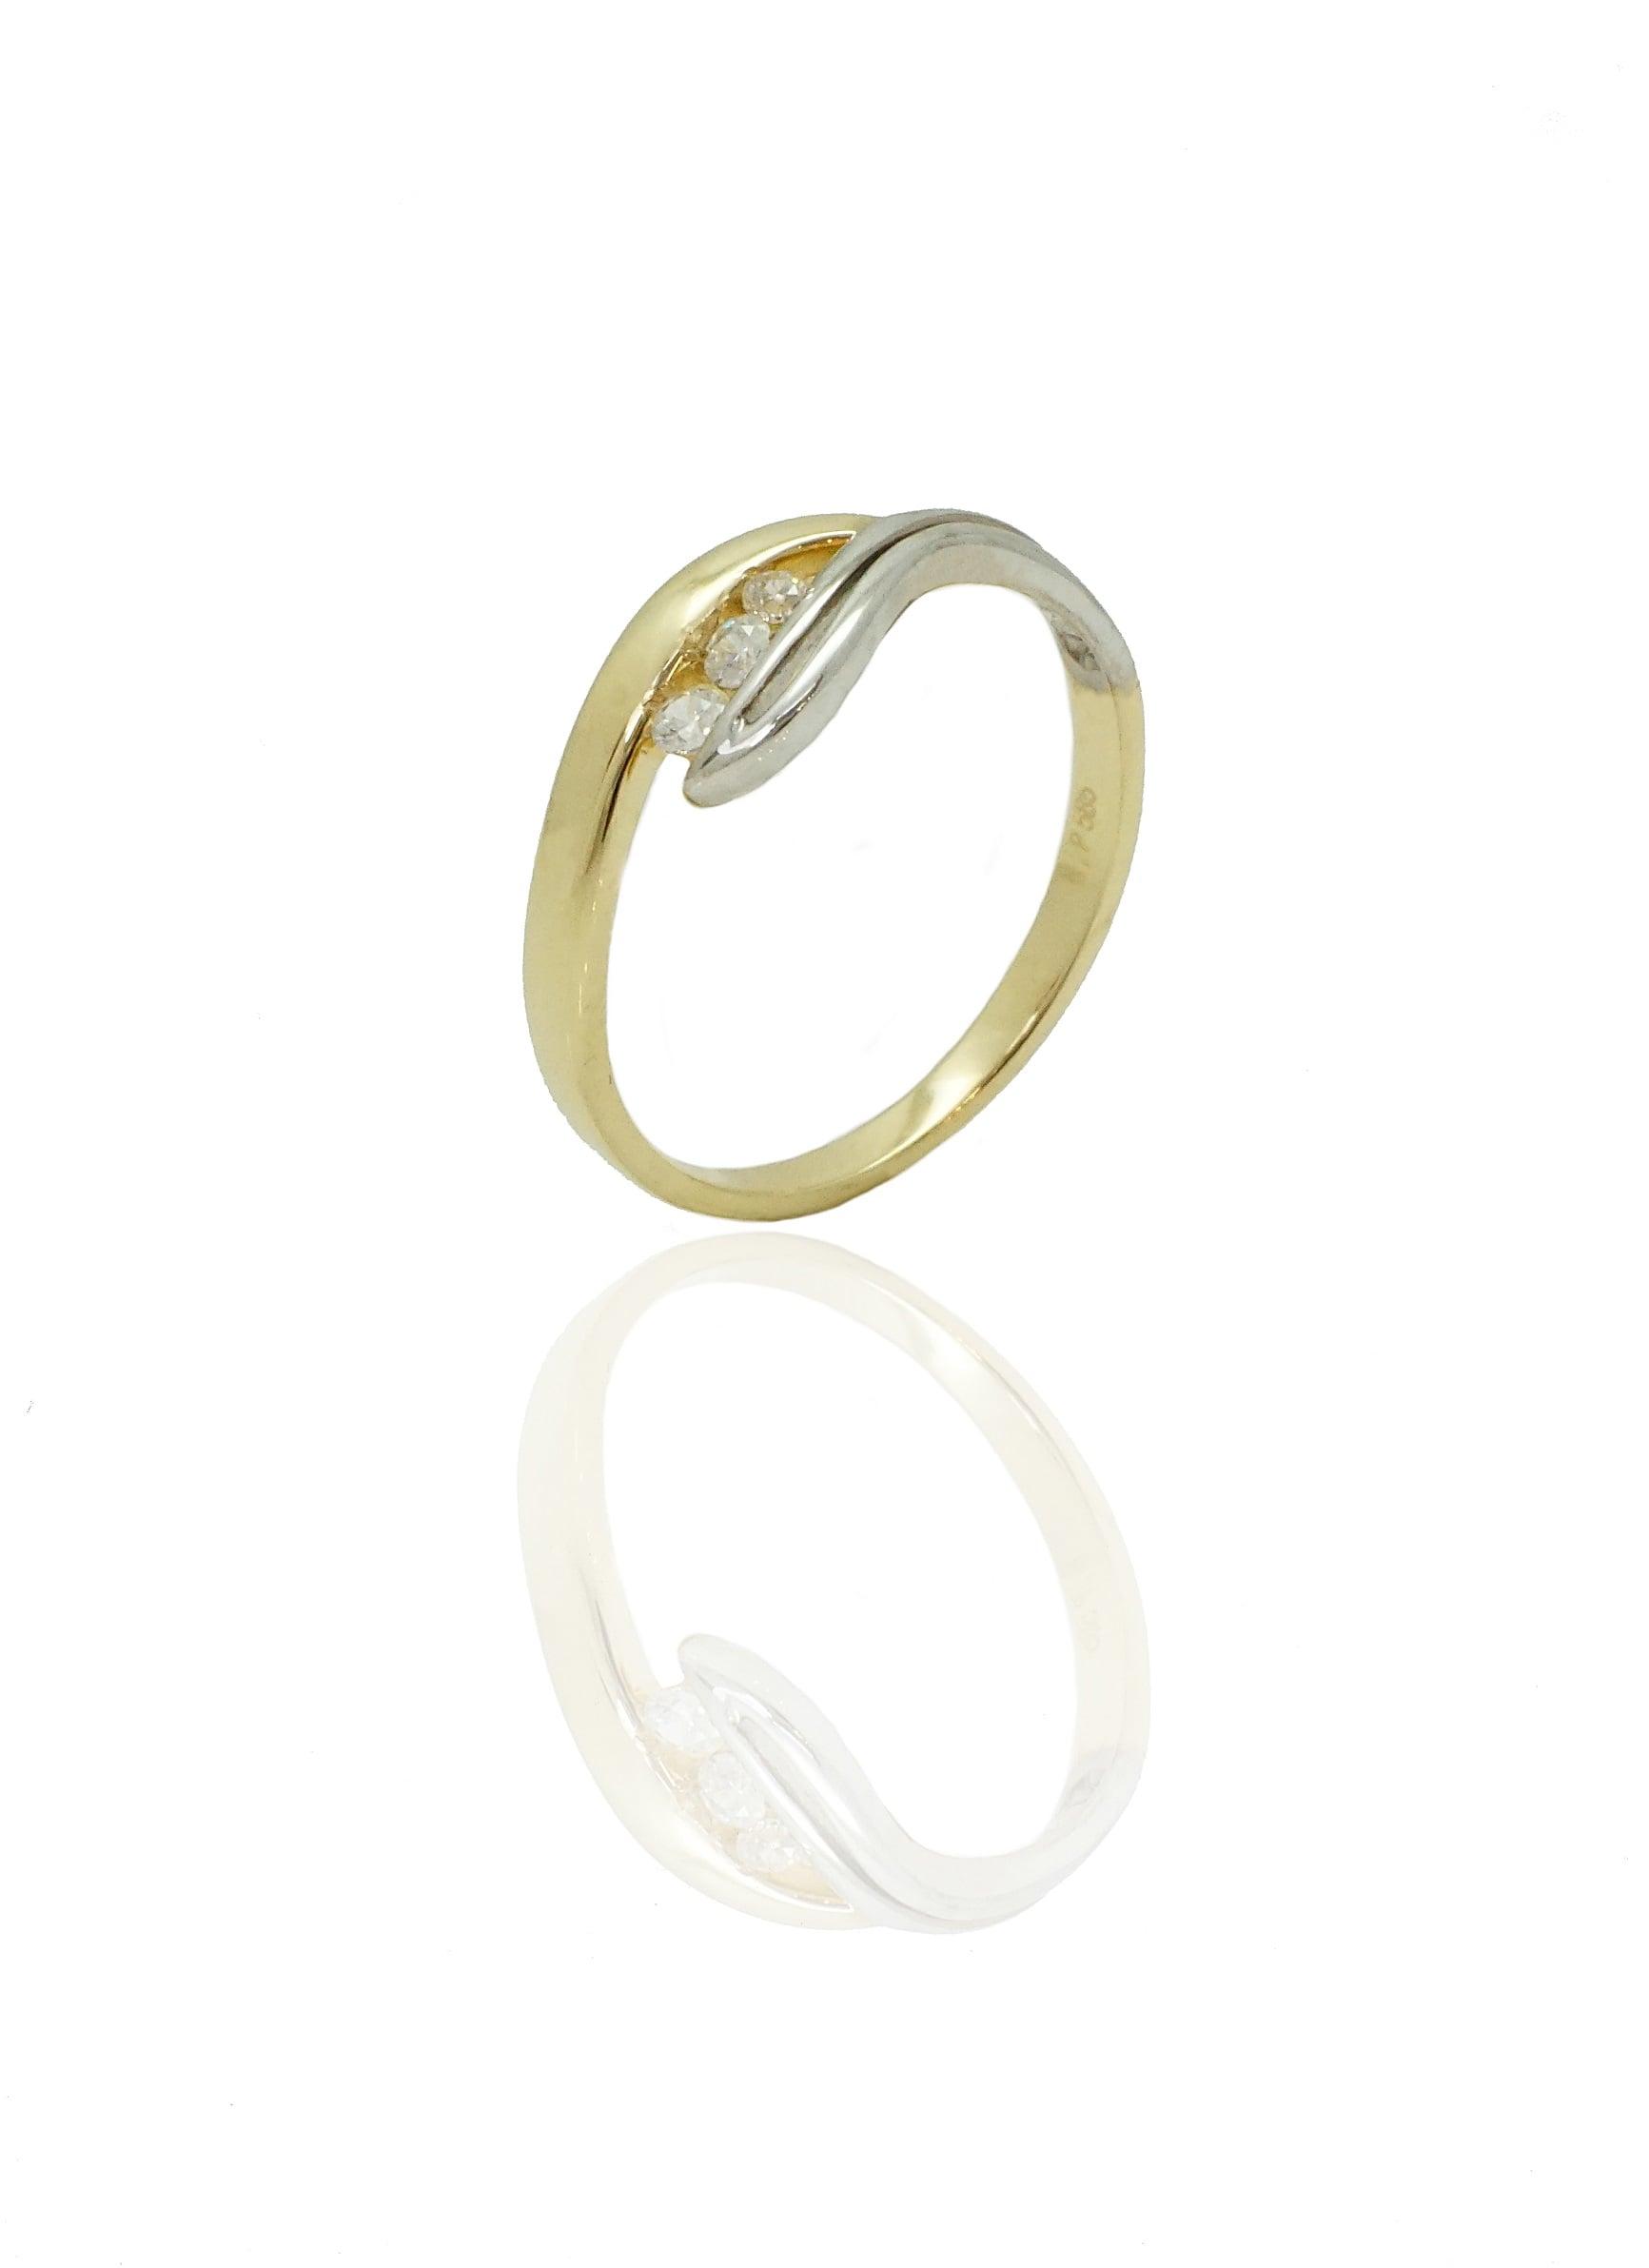 טבעת זהב צהוב ולבן משובצת זרקונים